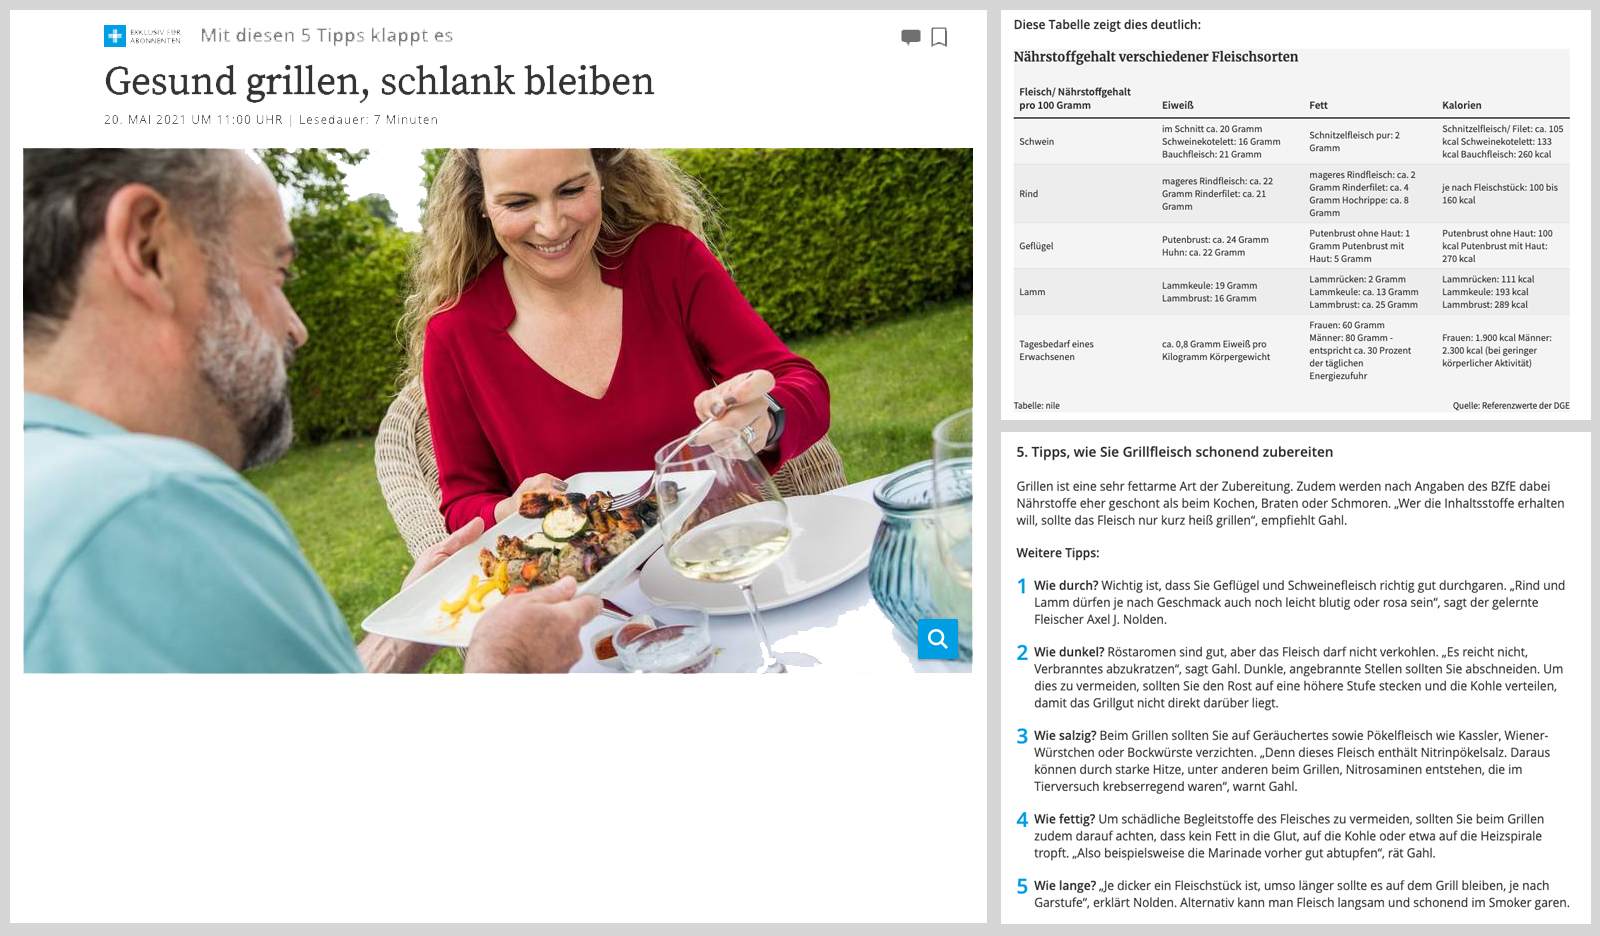 Grillen gesunde Ernährung Screenshot Aachener Zeitung Drive